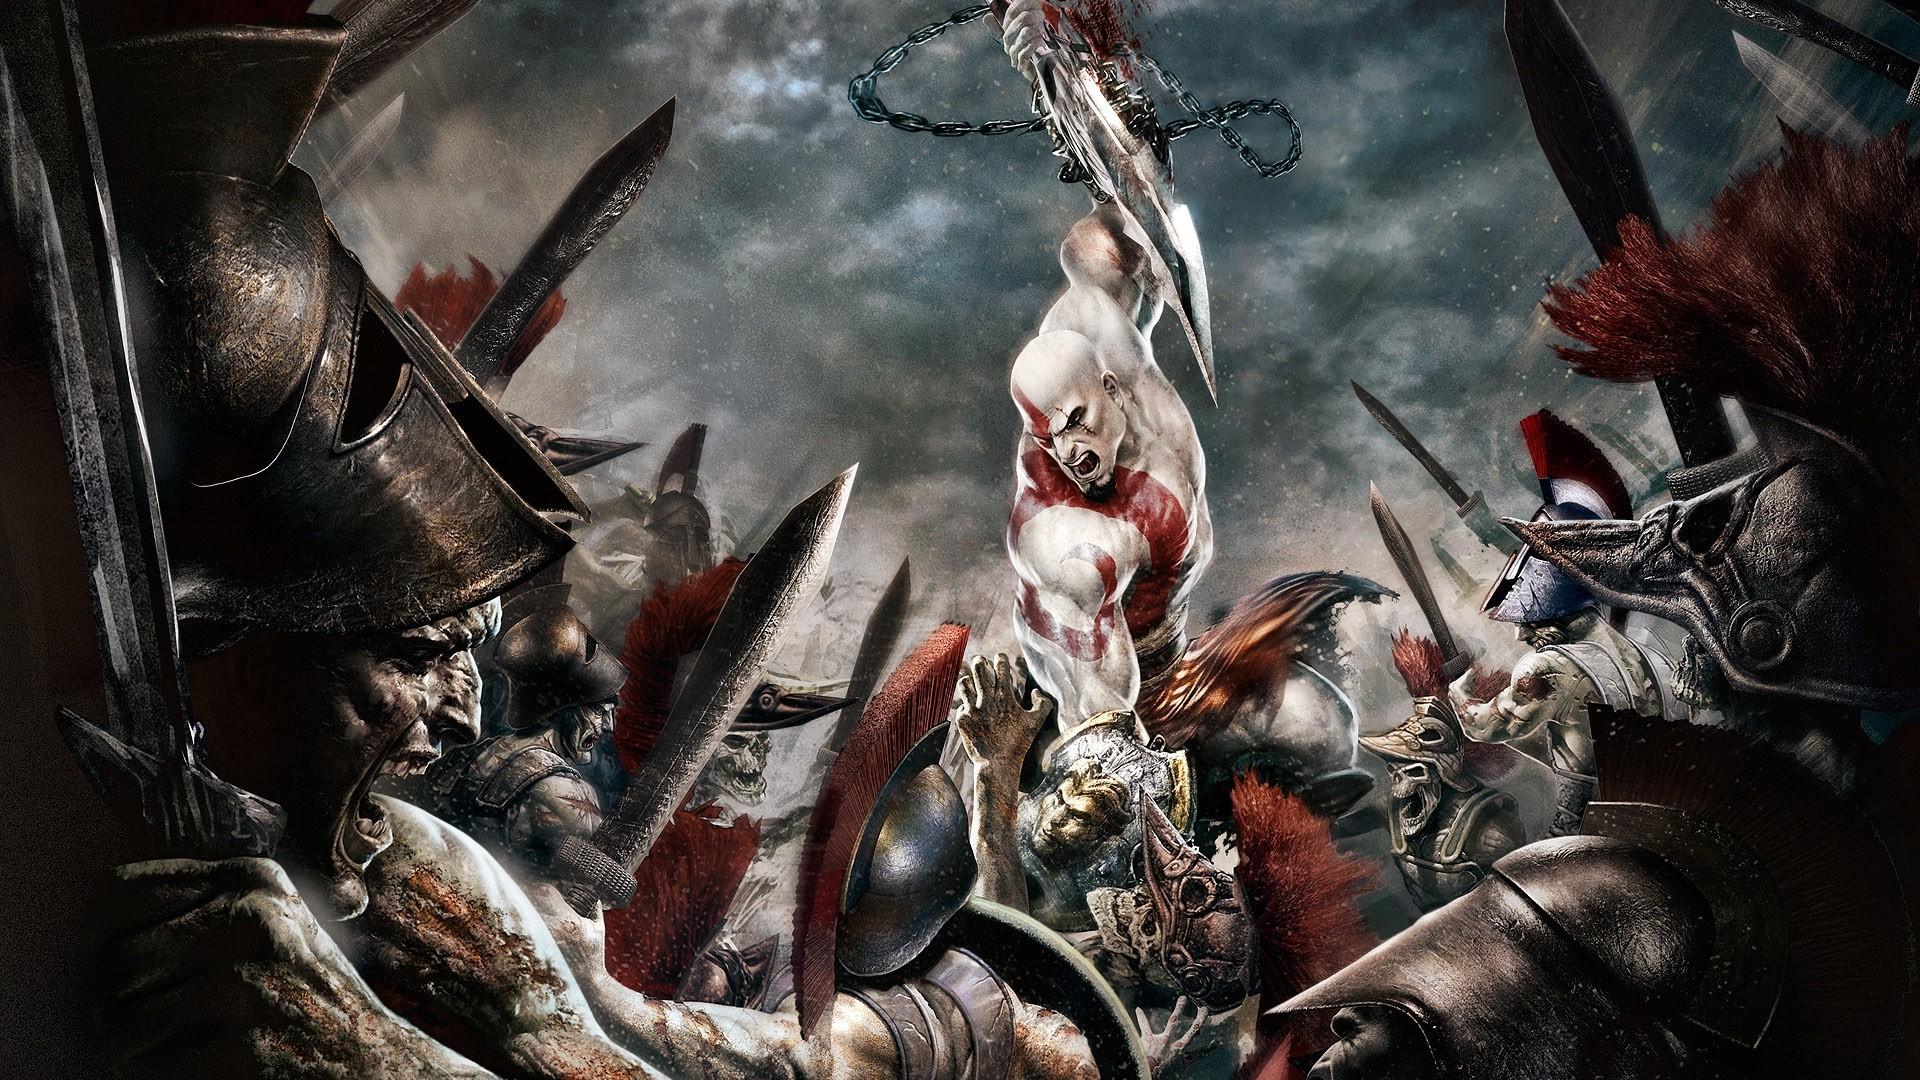 God Of War Hd Wallpapers Backgrounds Wallpaper Kratos God Of War 1 1920x1080 Wallpaper Teahub Io